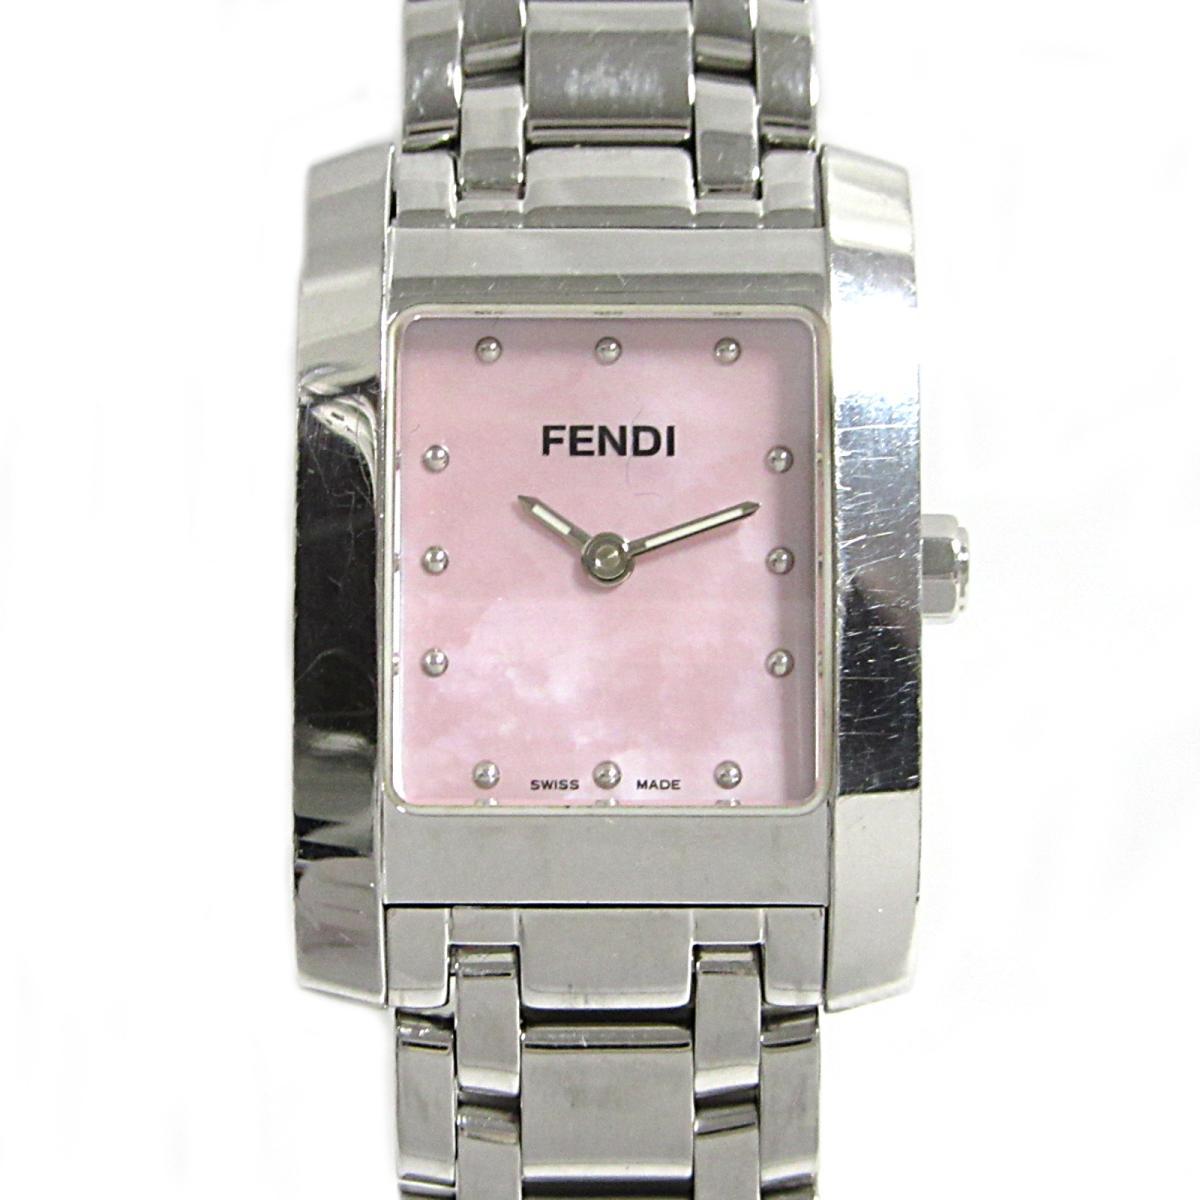 ≪期間限定≫メルマガ登録でクーポンGET! 【中古】 フェンディ クラシコ 腕時計 ウォッチ レディース ステンレススチール (SS) (104-7000L-078) | FENDI BRANDOFF ブランドオフ ブランド ブランド時計 ブランド腕時計 時計